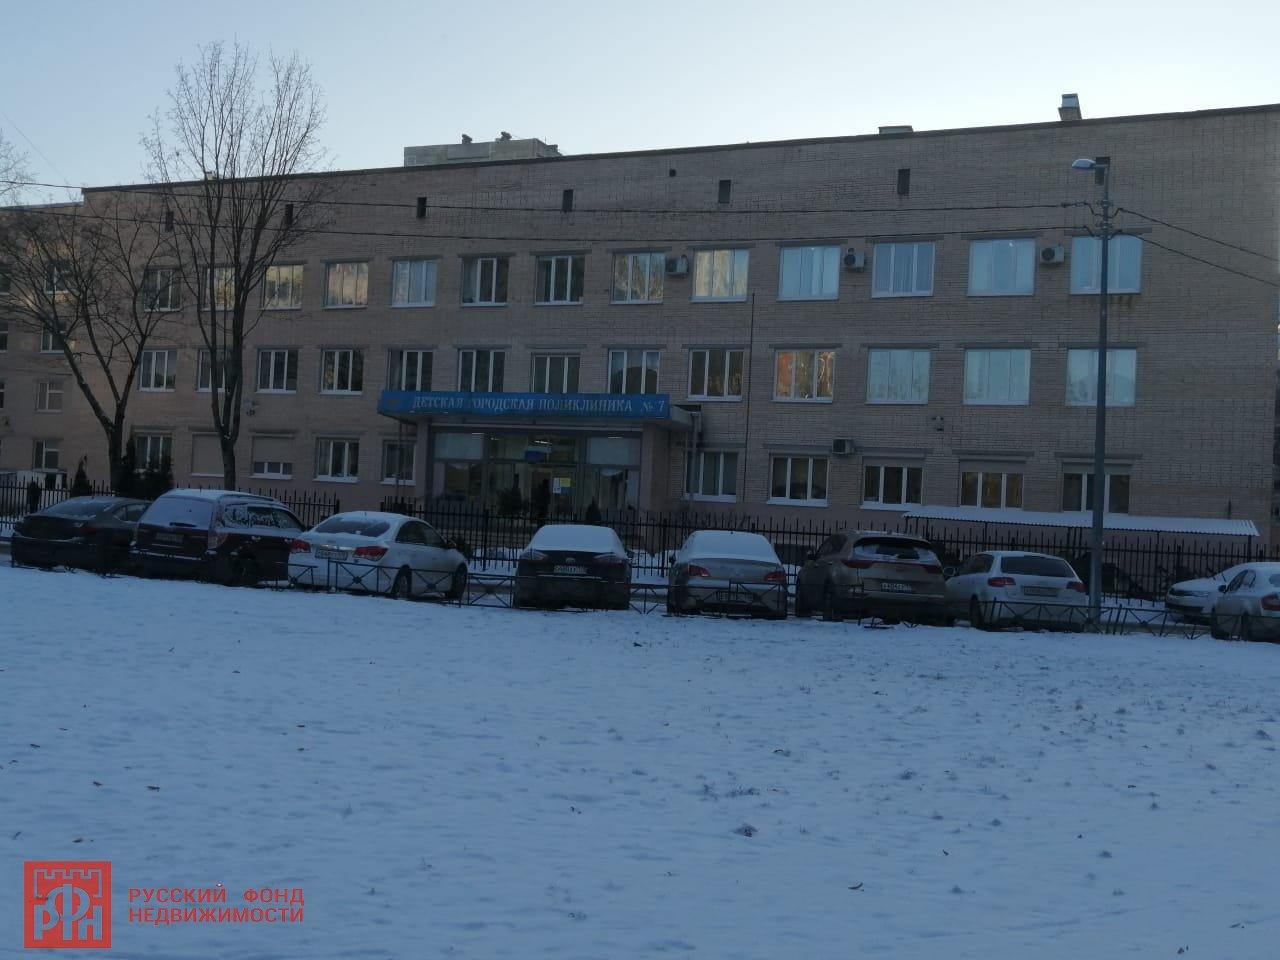 Художников просп., д 33, корпус 1,  лит. А